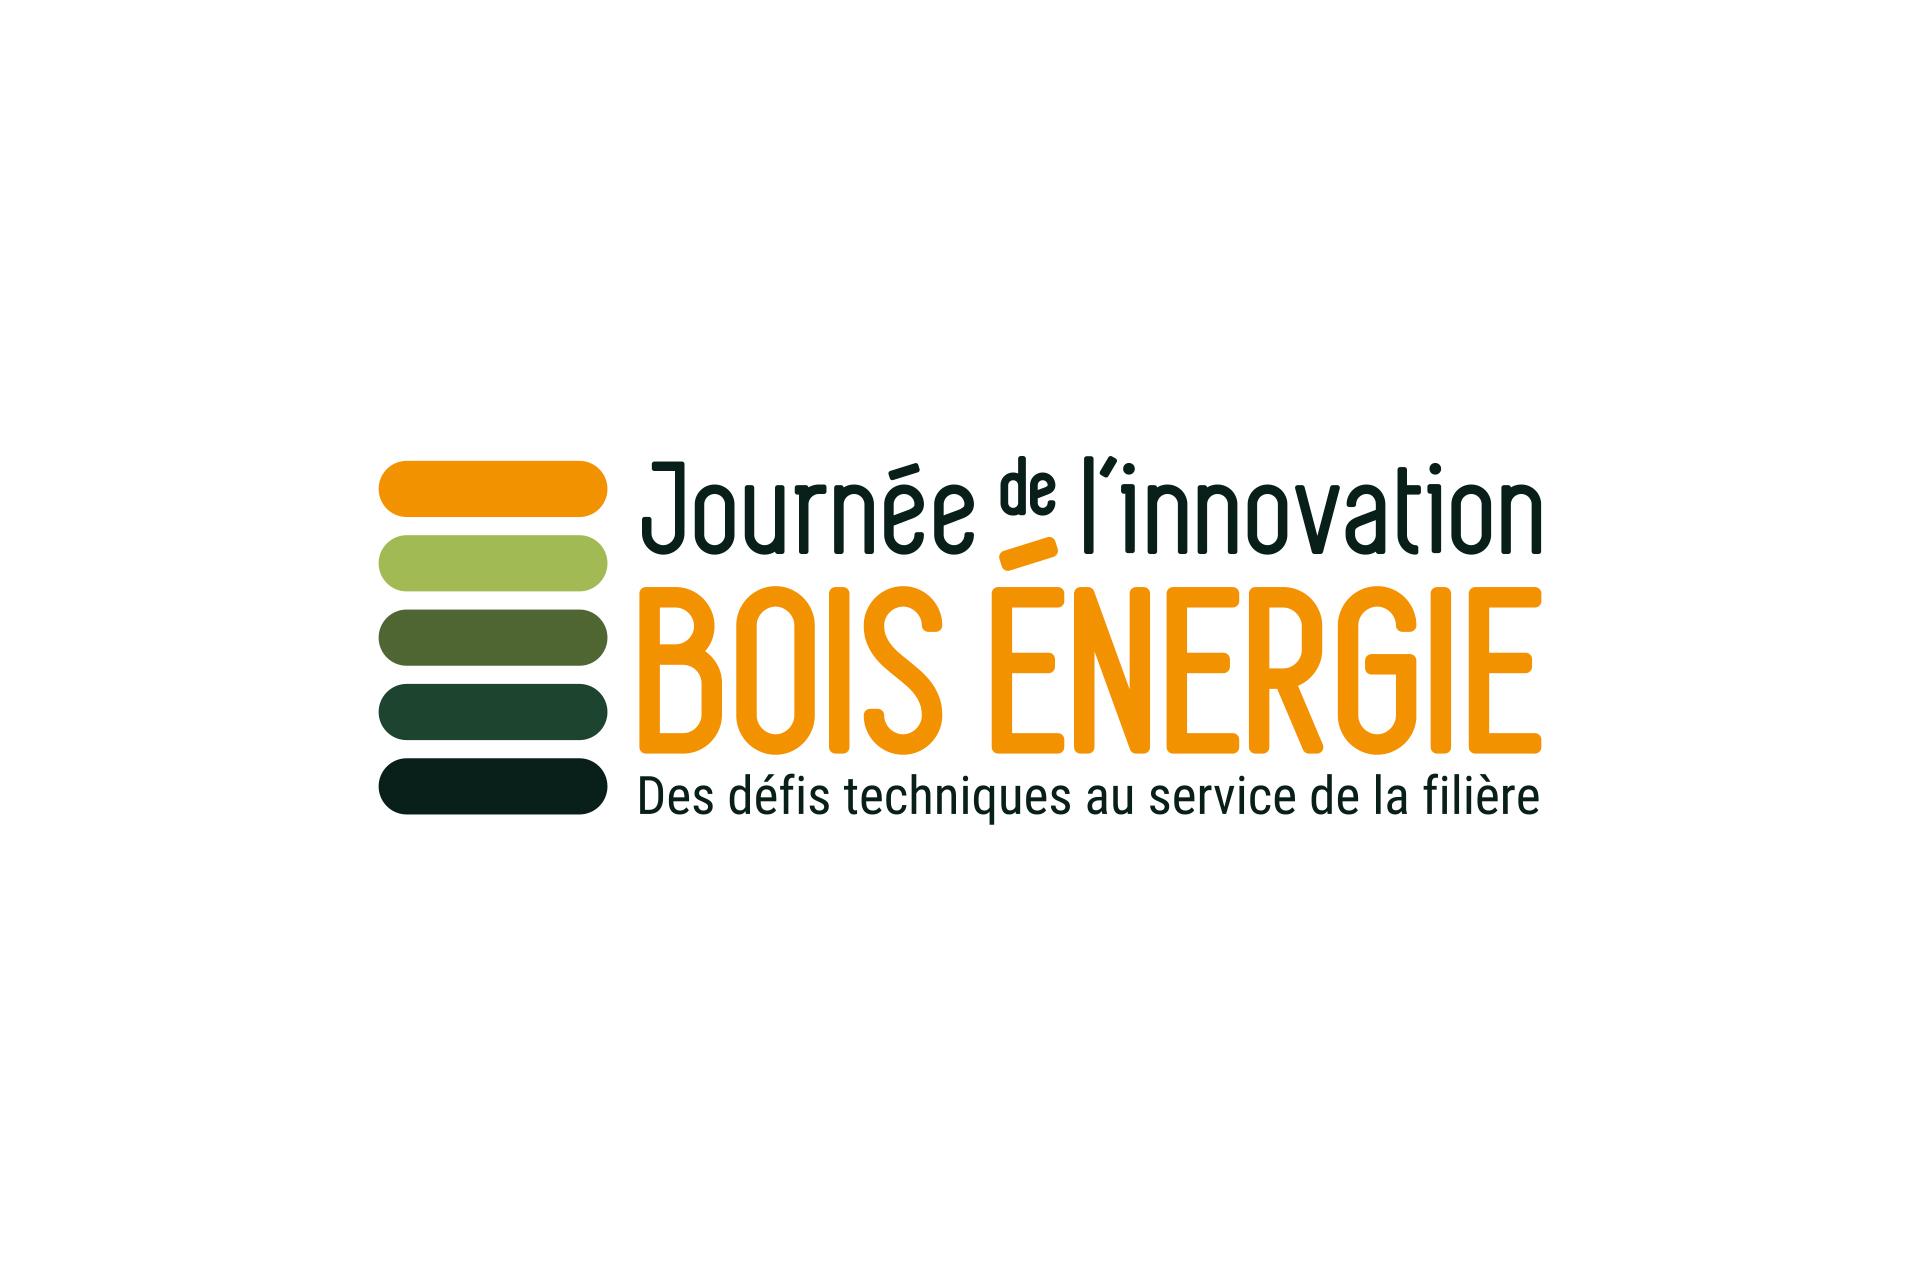 Création de logo Journee de l'innovation Bois Energie